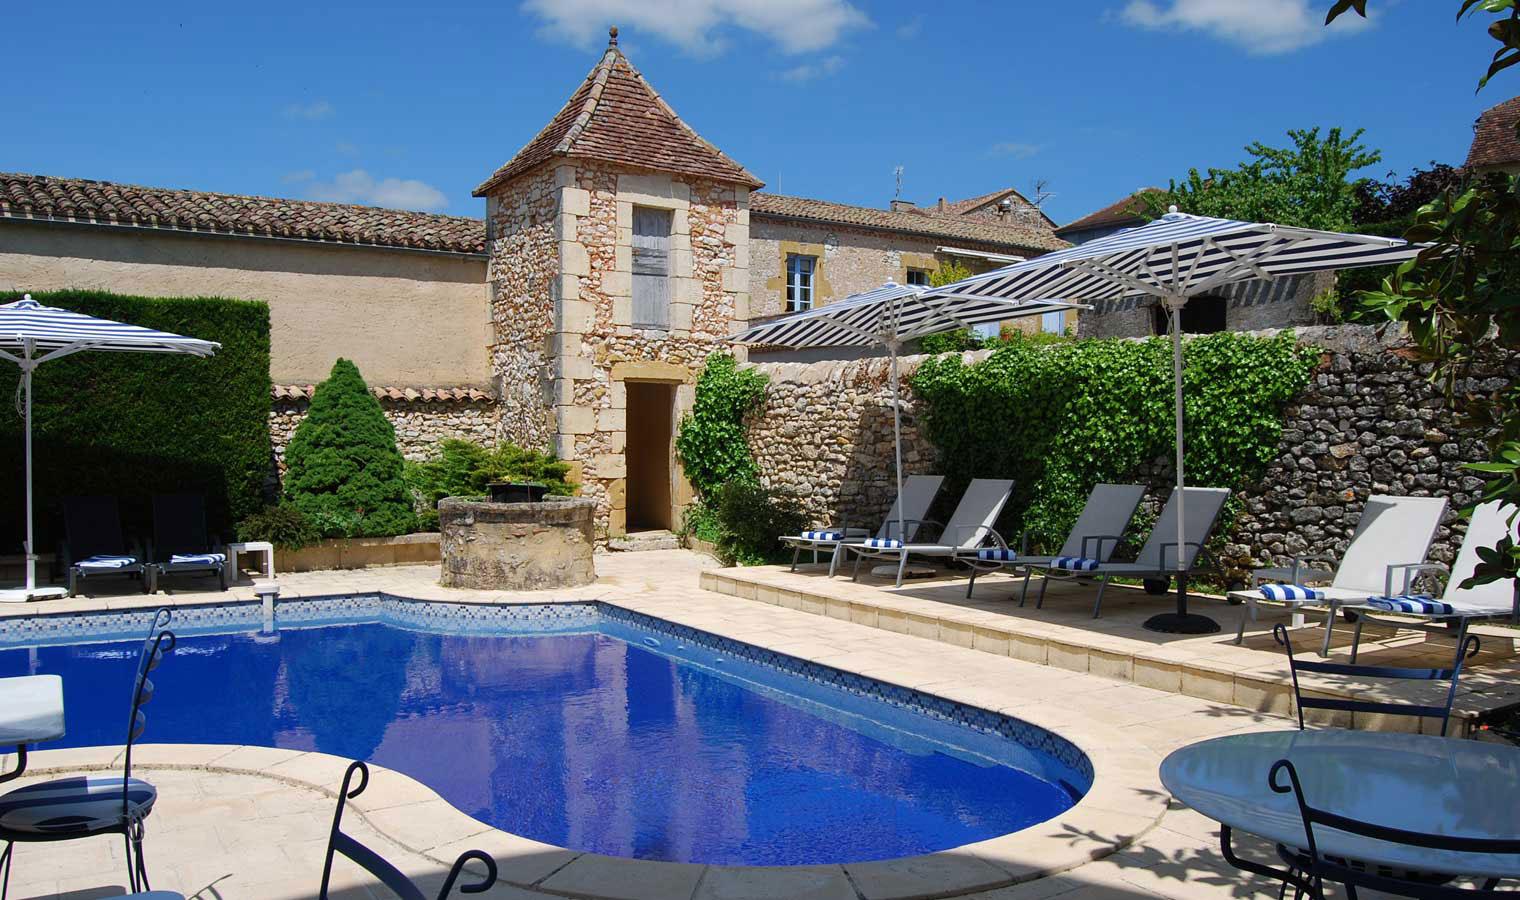 _Piscine-Hotel-Edward1er-Dordogne_